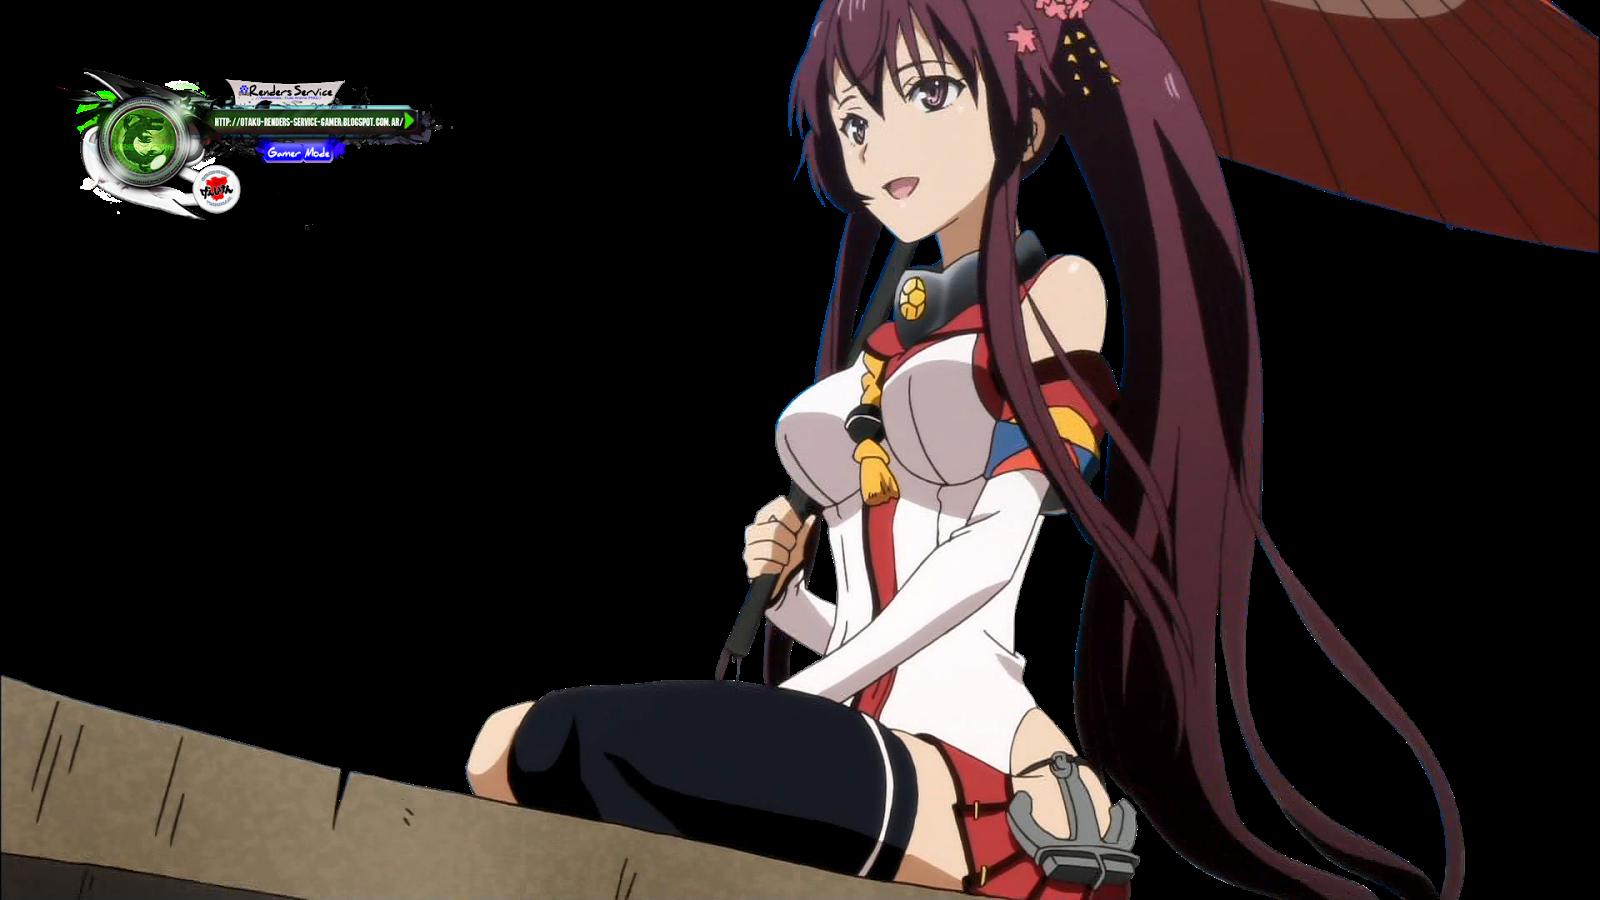 Kantai collection yamato kawaii kaze render ors anime - Yamato render ...